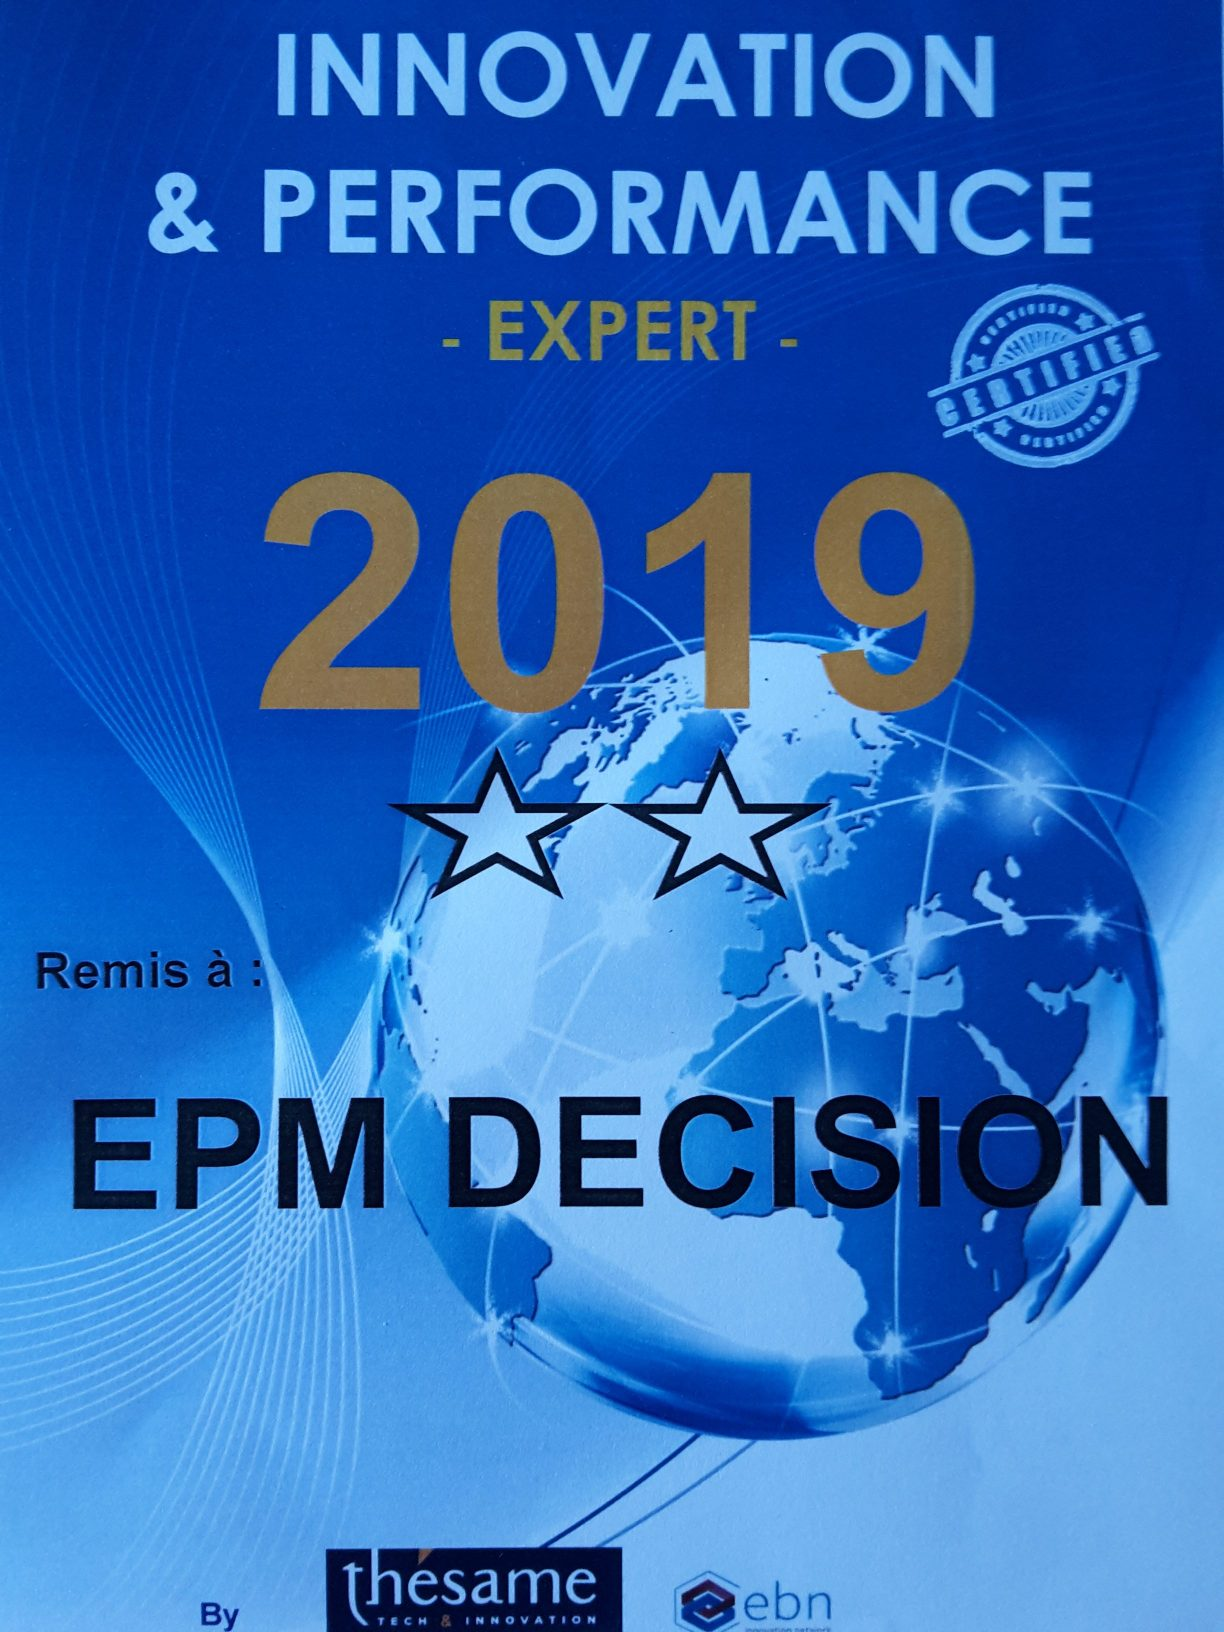 EPM DECISION rejoint le Thésame, centre expert des métiers de l'innovation